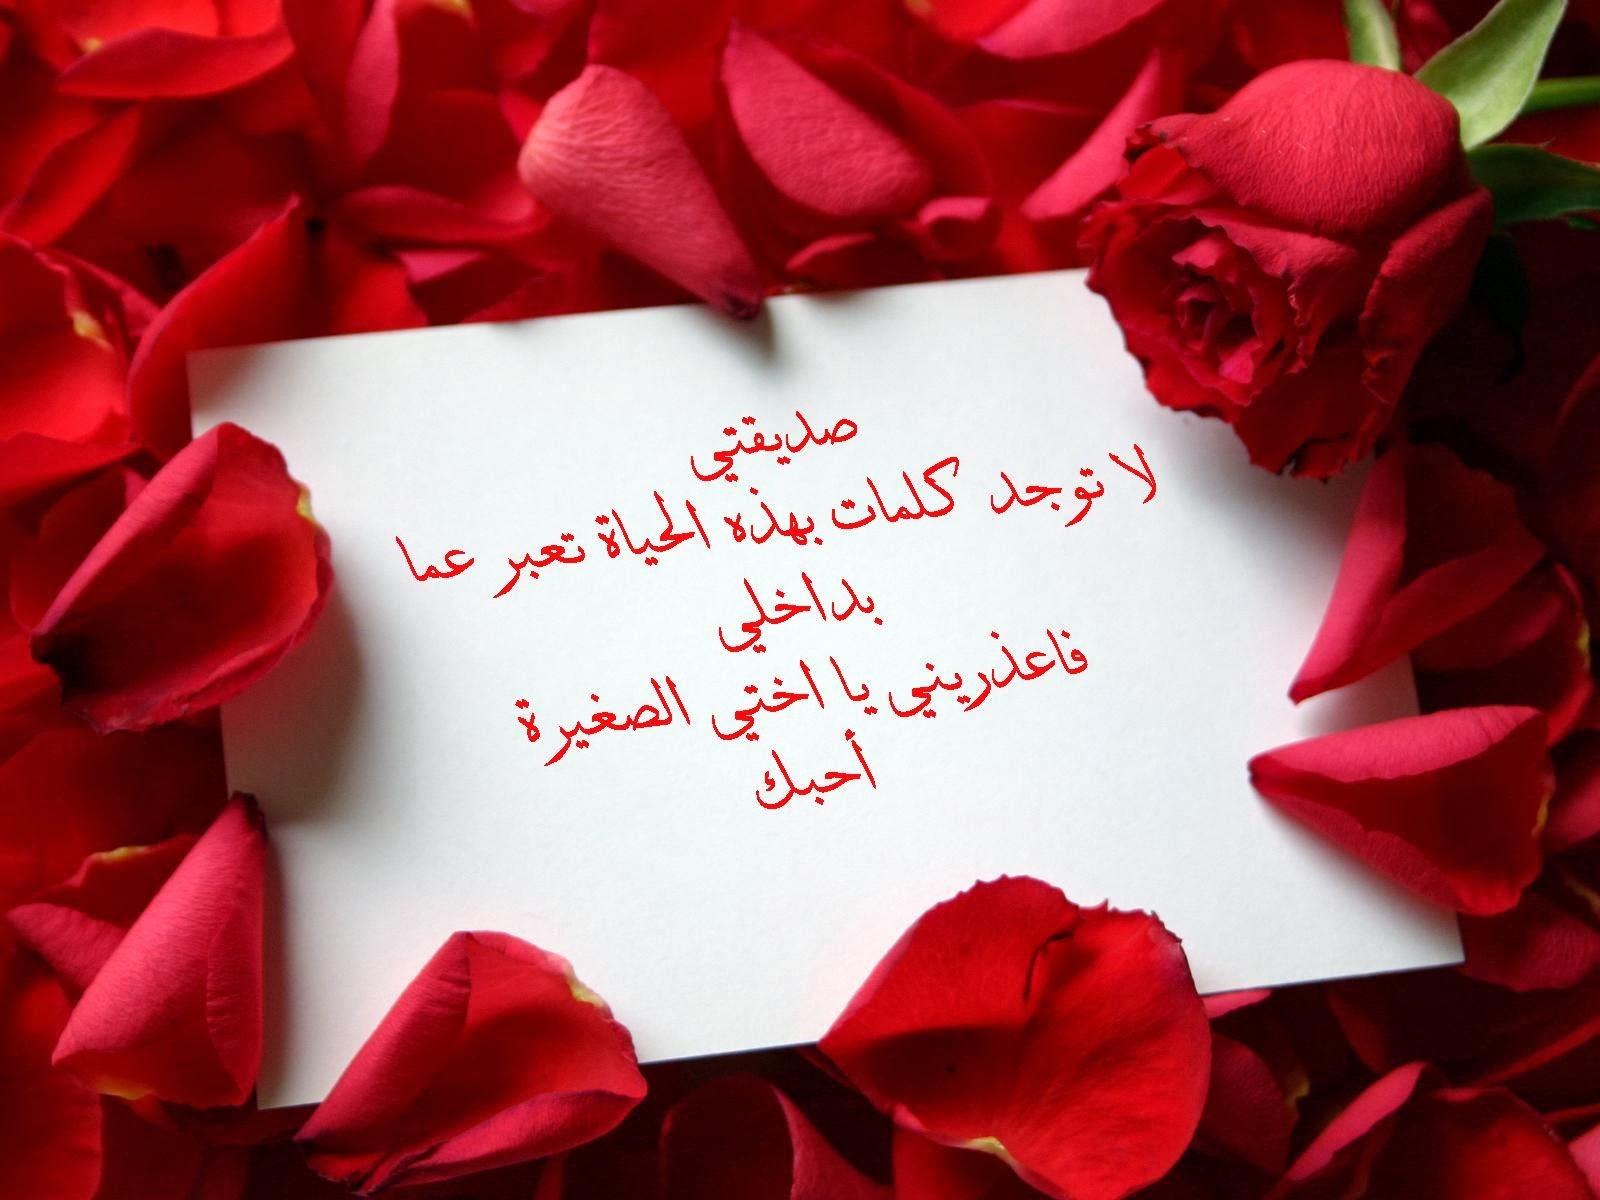 بالصور صور الحب والغرام , صور اشواق جميله 9578 9